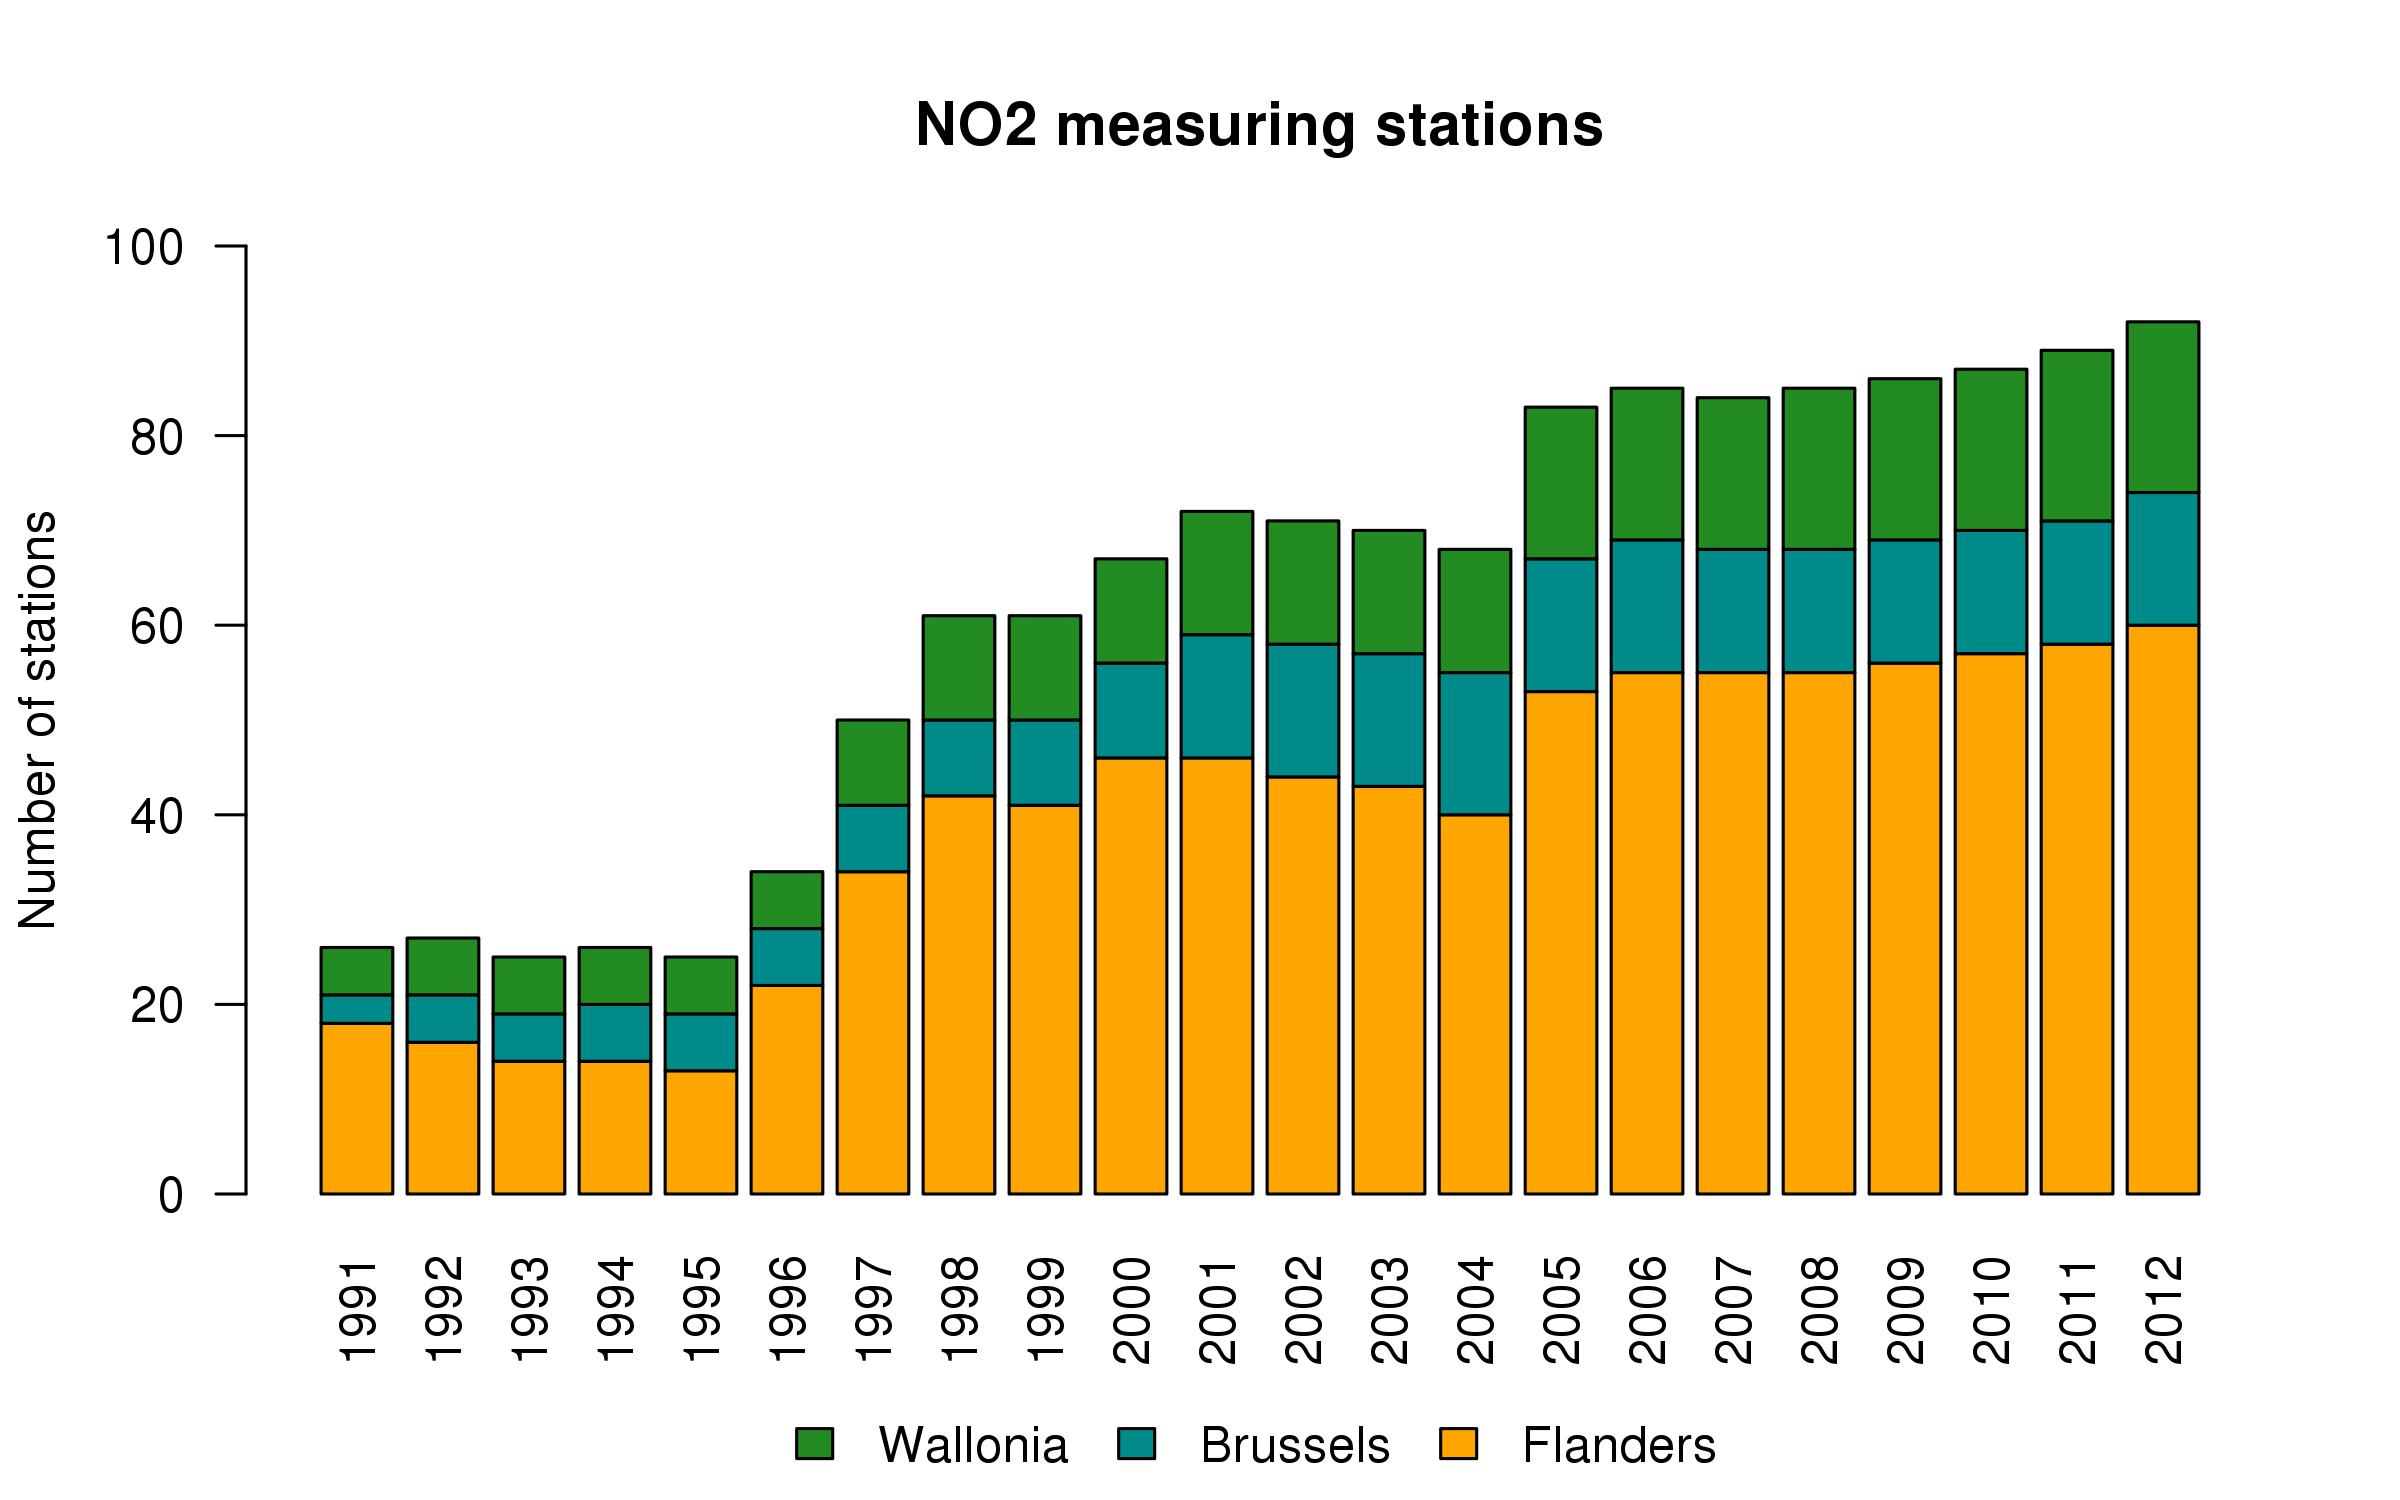 StationsNO2_2012